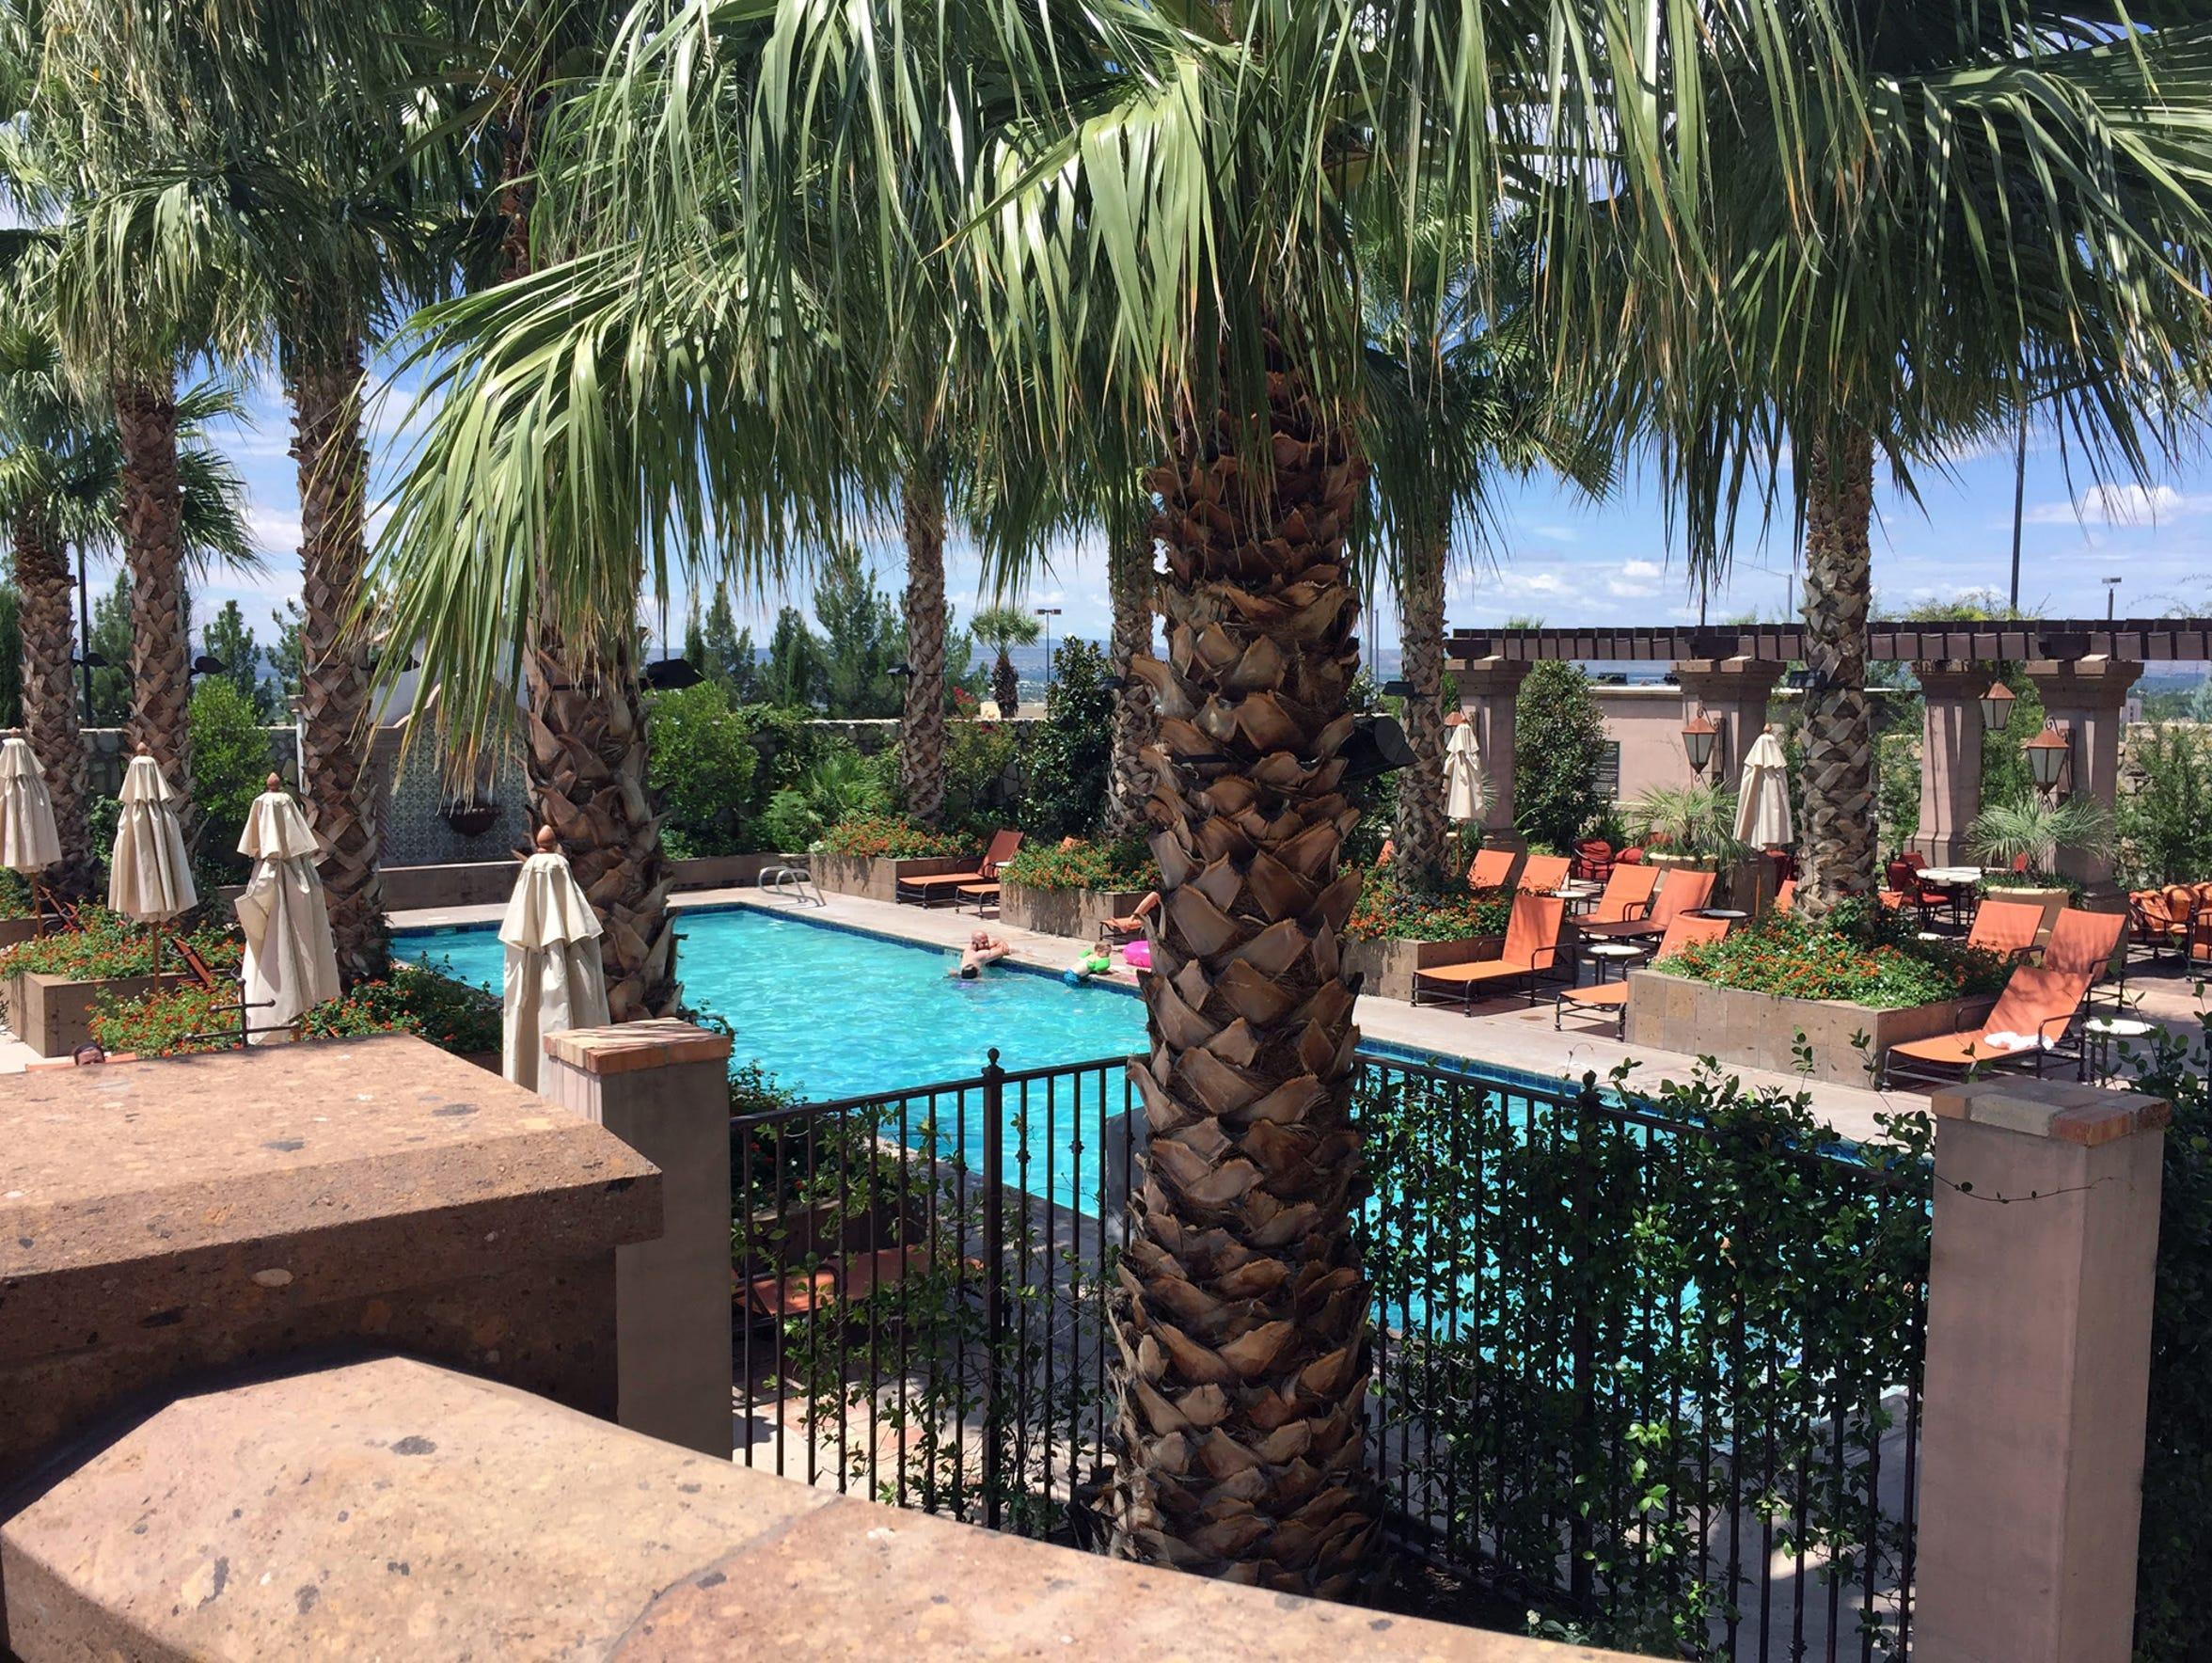 A view of the outdoor spaces Hotel Encanto de Las Cruces